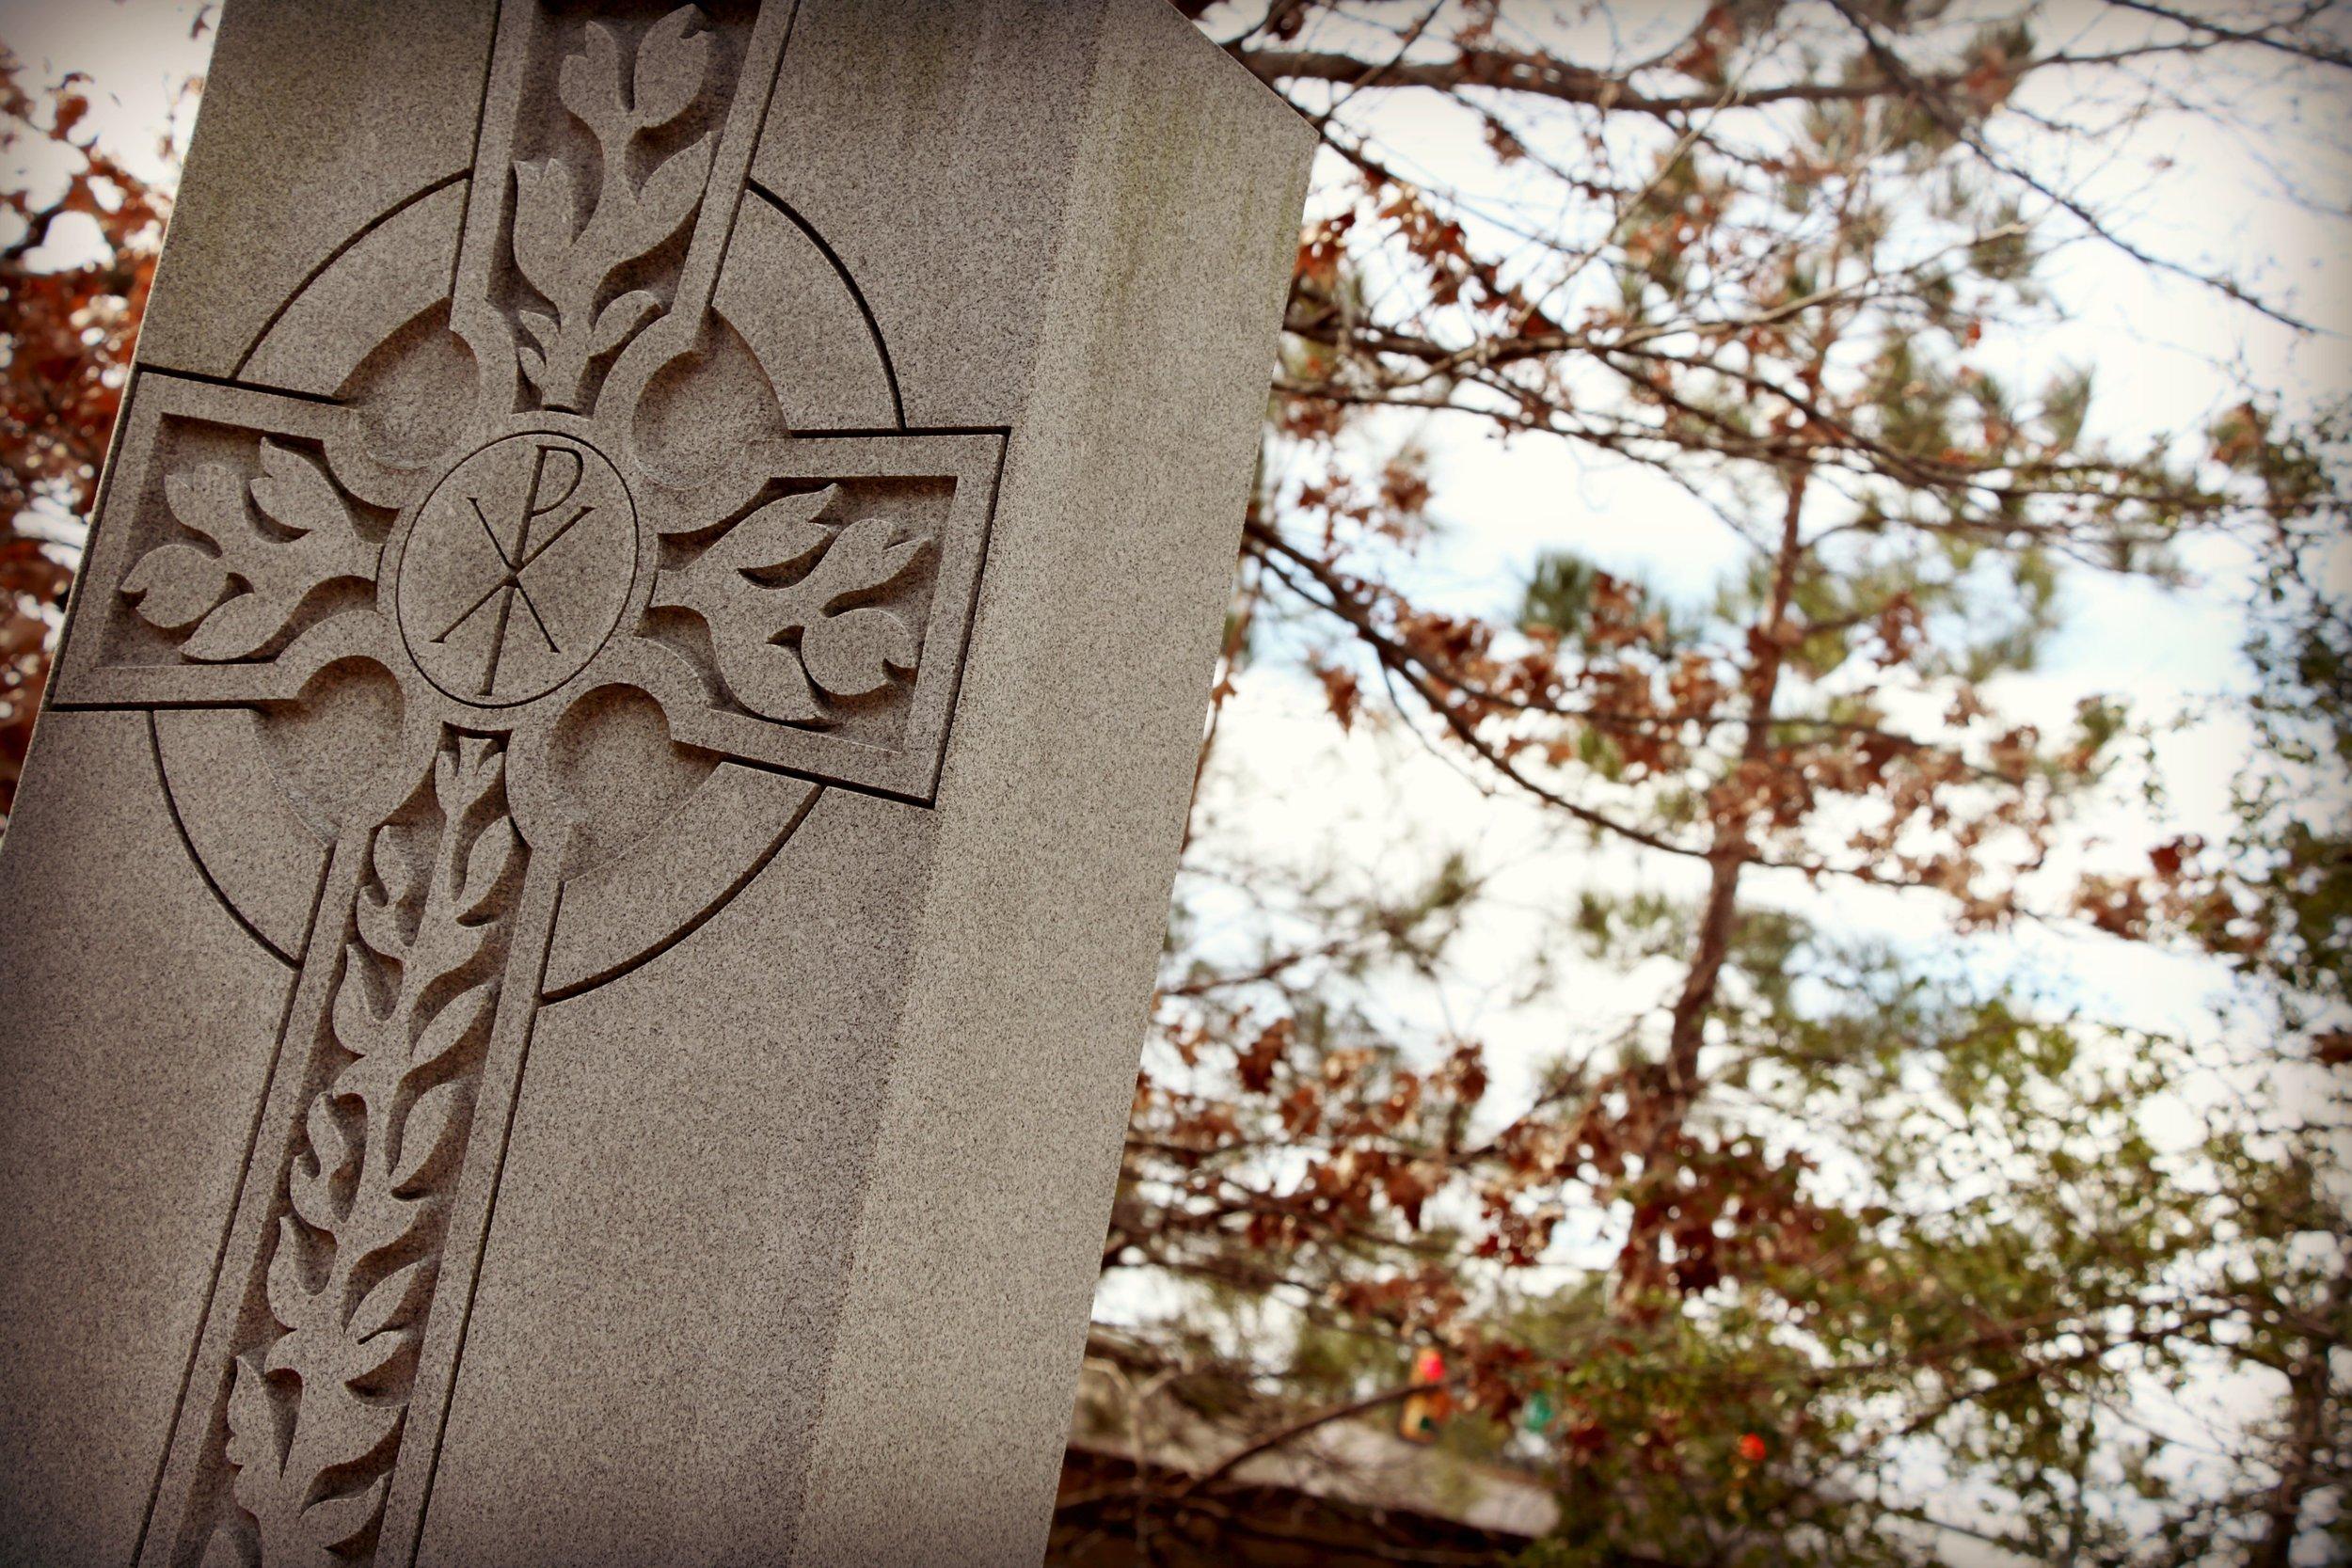 St. Dunstans cross.jpg